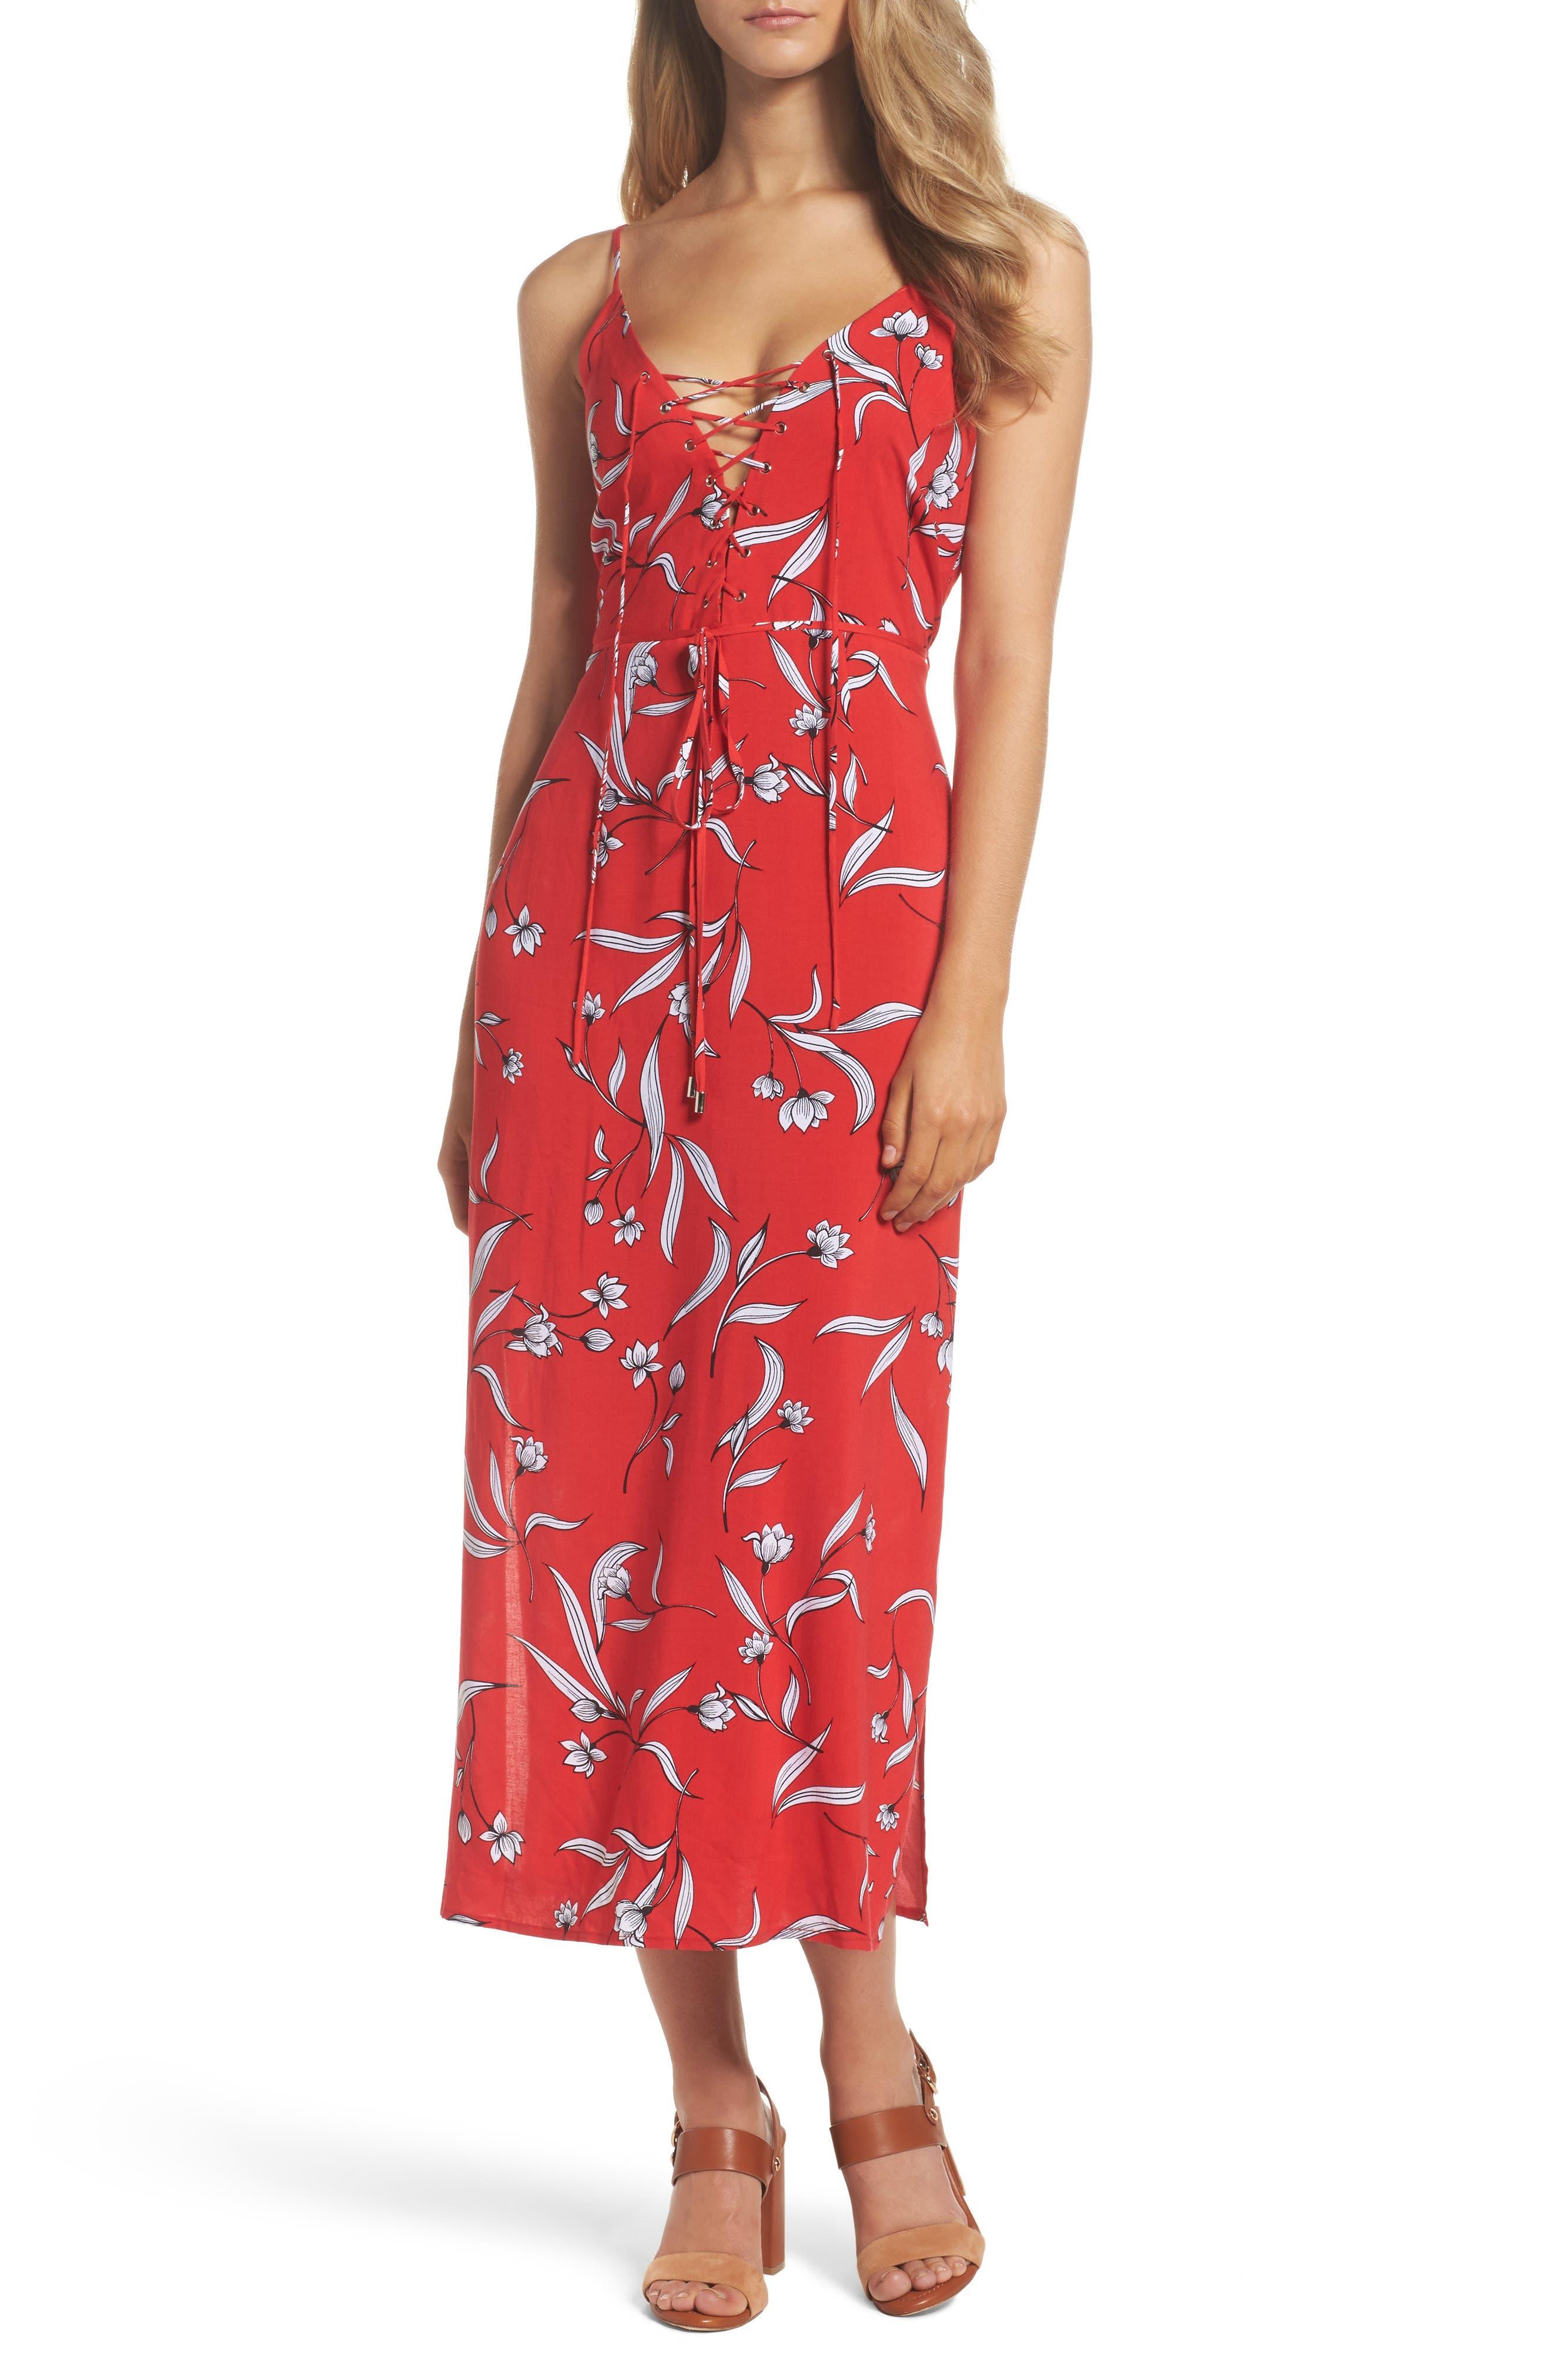 Amelia Floral Dress,                             Main thumbnail 1, color,                             Floral Print